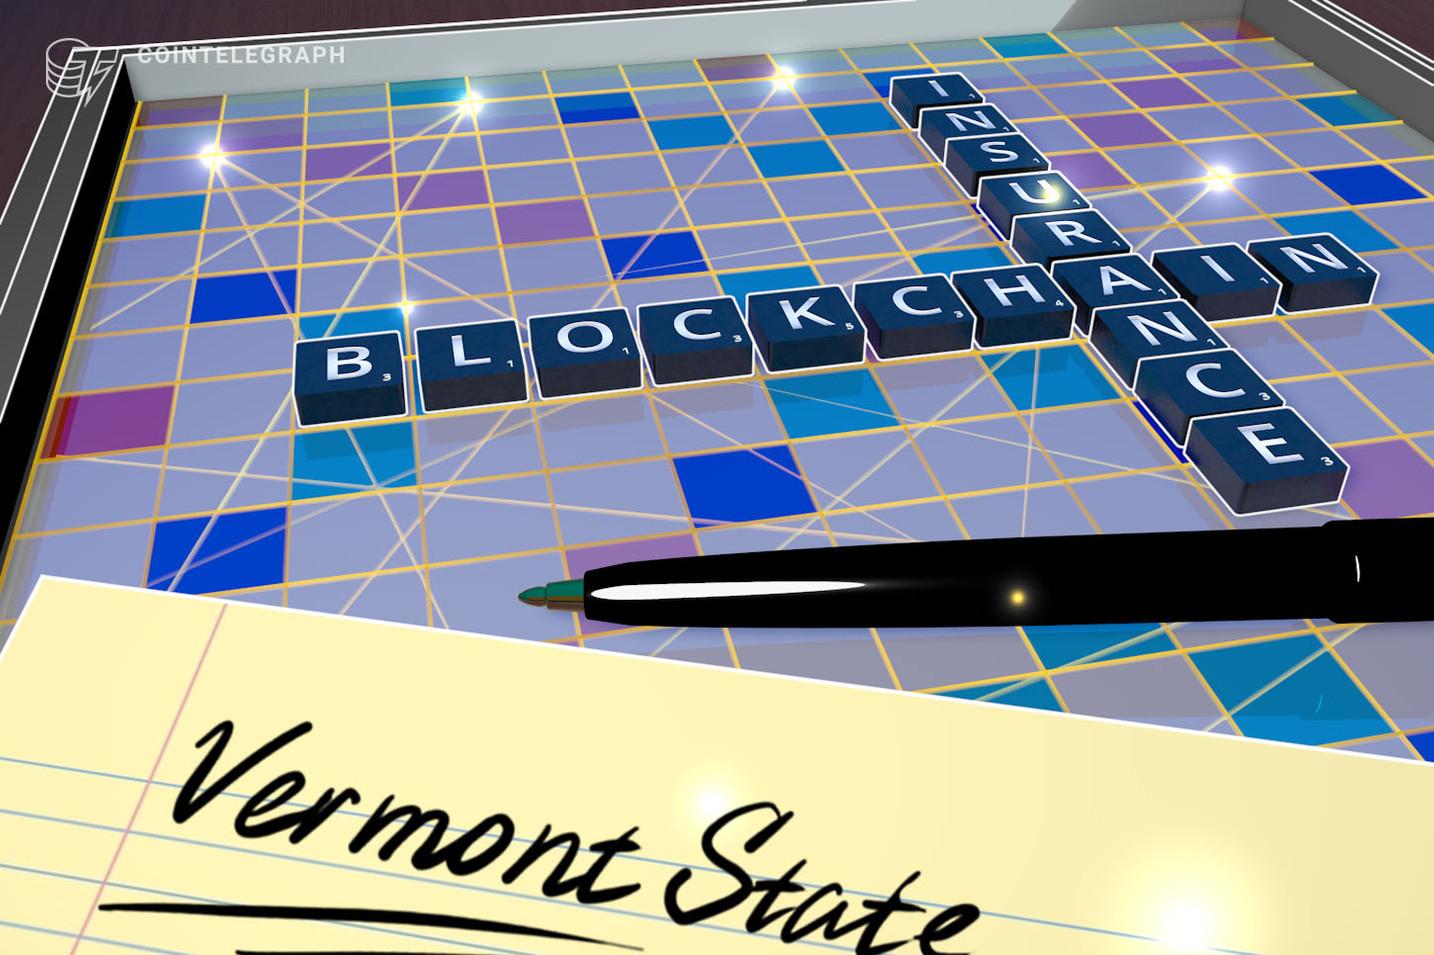 Agencias del estado de Vermont lanzan programa piloto de blockchain para la industria de seguros cautivos